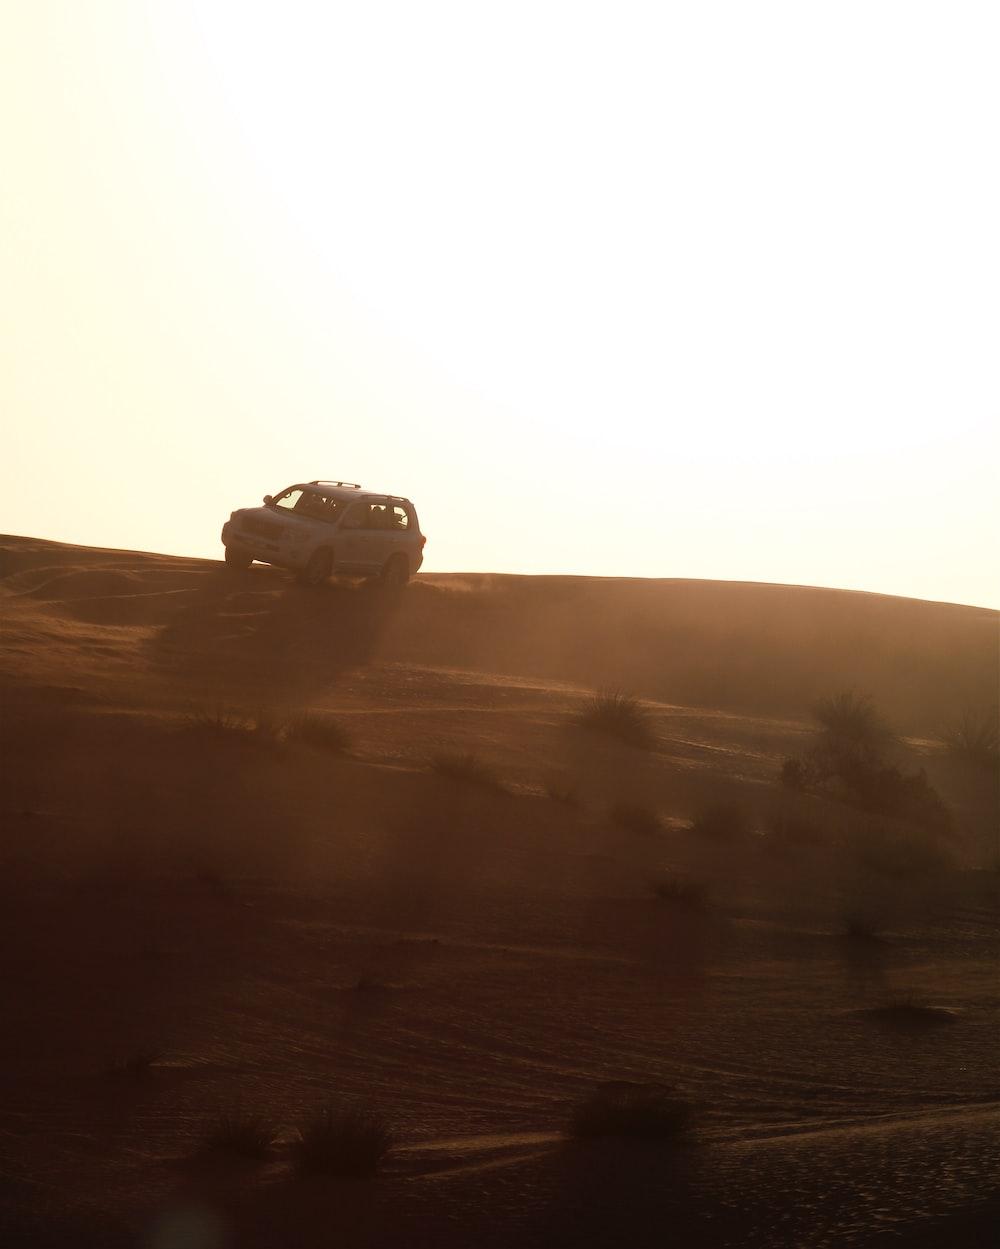 silhouette of car on desert during daytime